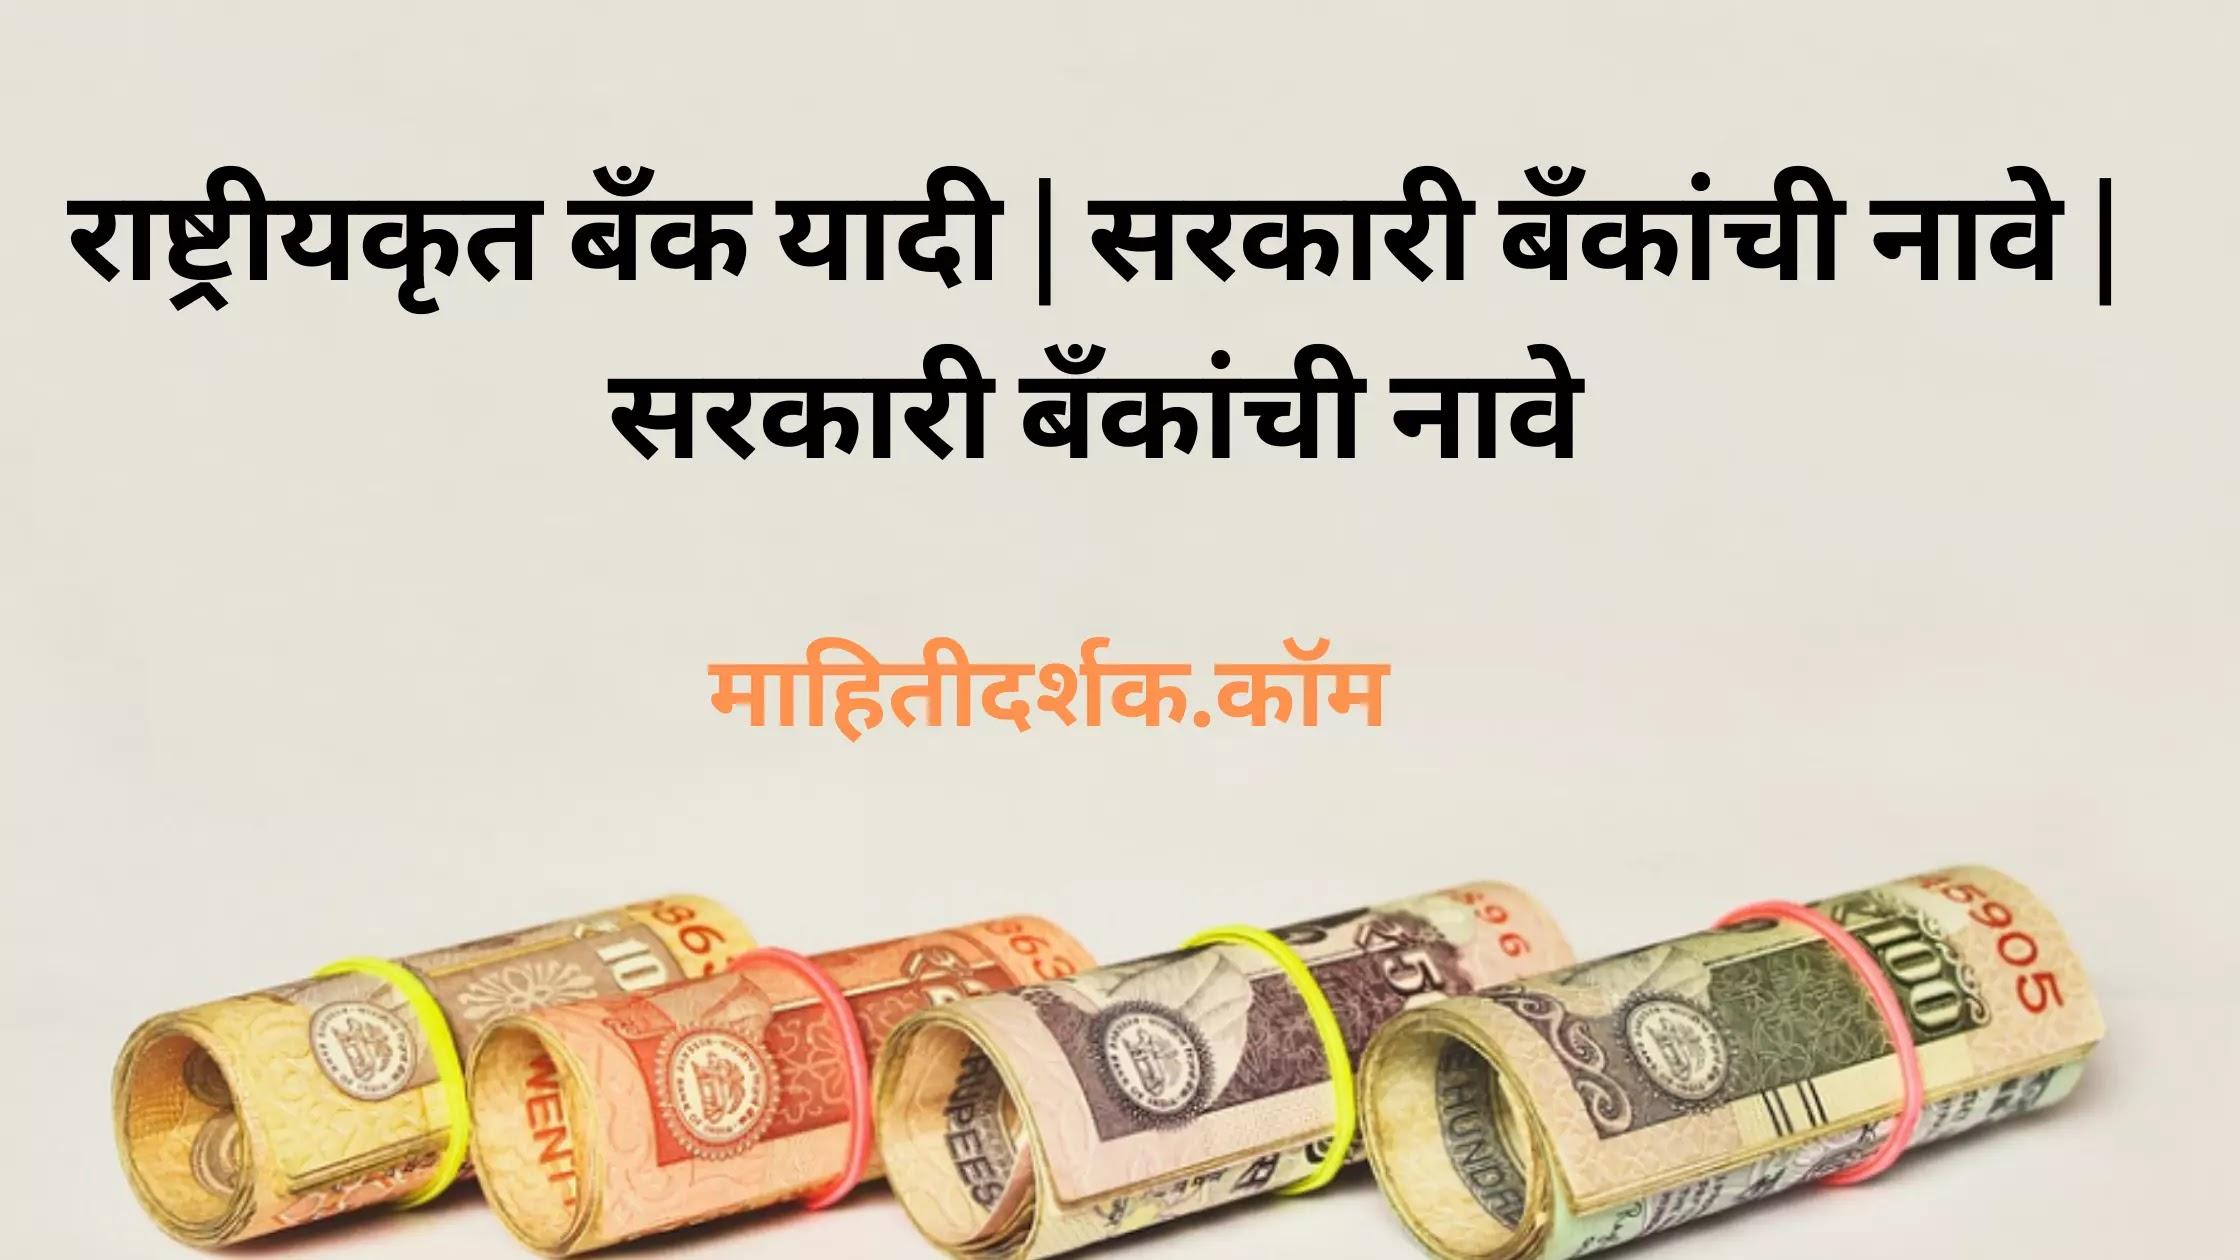 राष्ट्रीयकृत बँक यादी   सरकारी बँकांची नावे   सरकारी बँकांची नावे